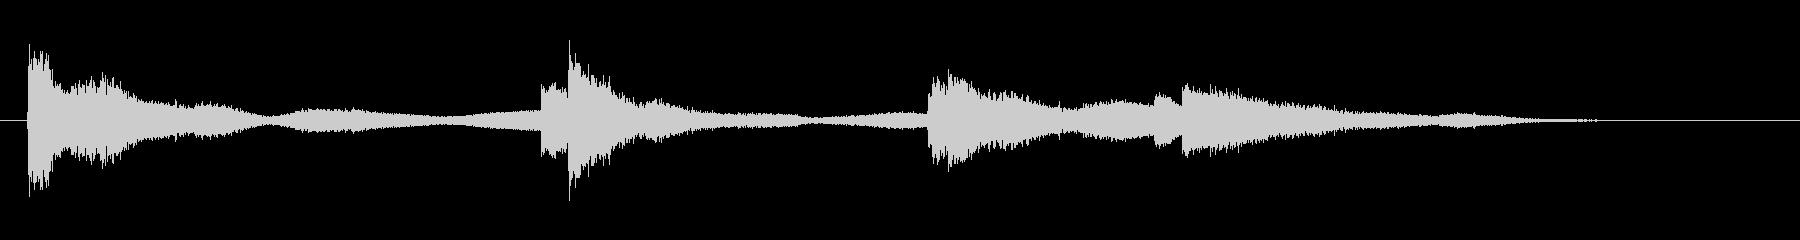 セメントのパイプSml銅ドロップの未再生の波形